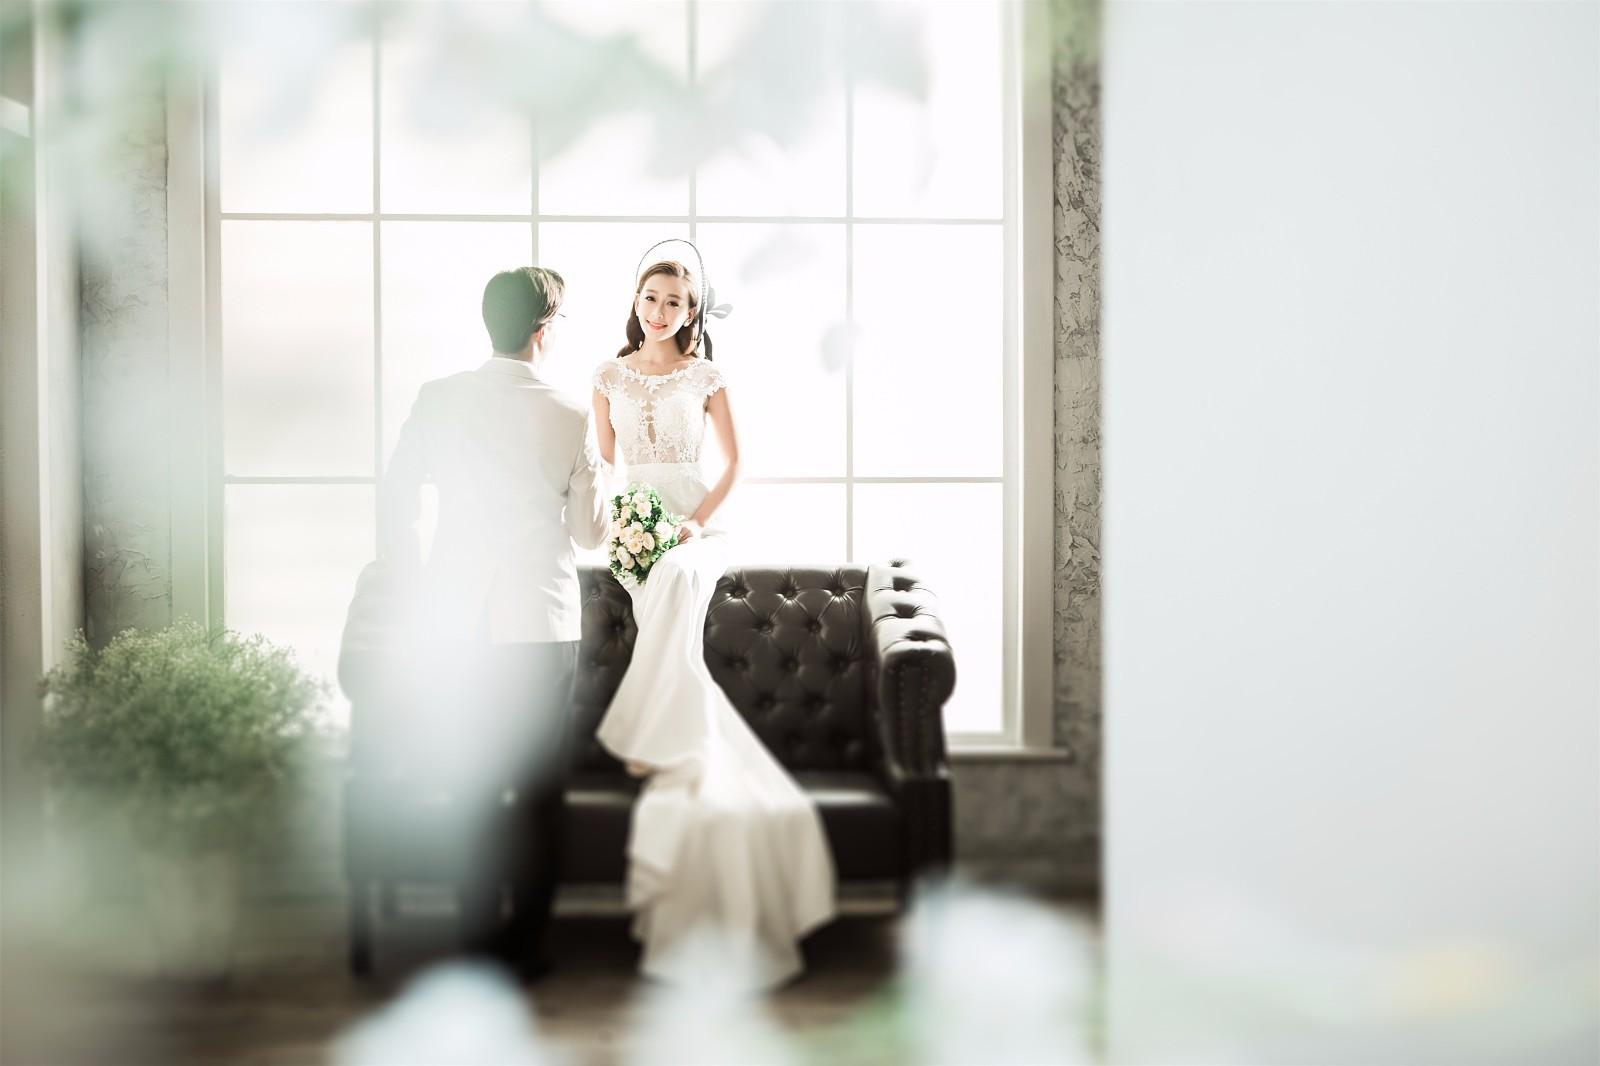 韩式婚纱摄影哪家好,新人们追求是哪几方面的呢